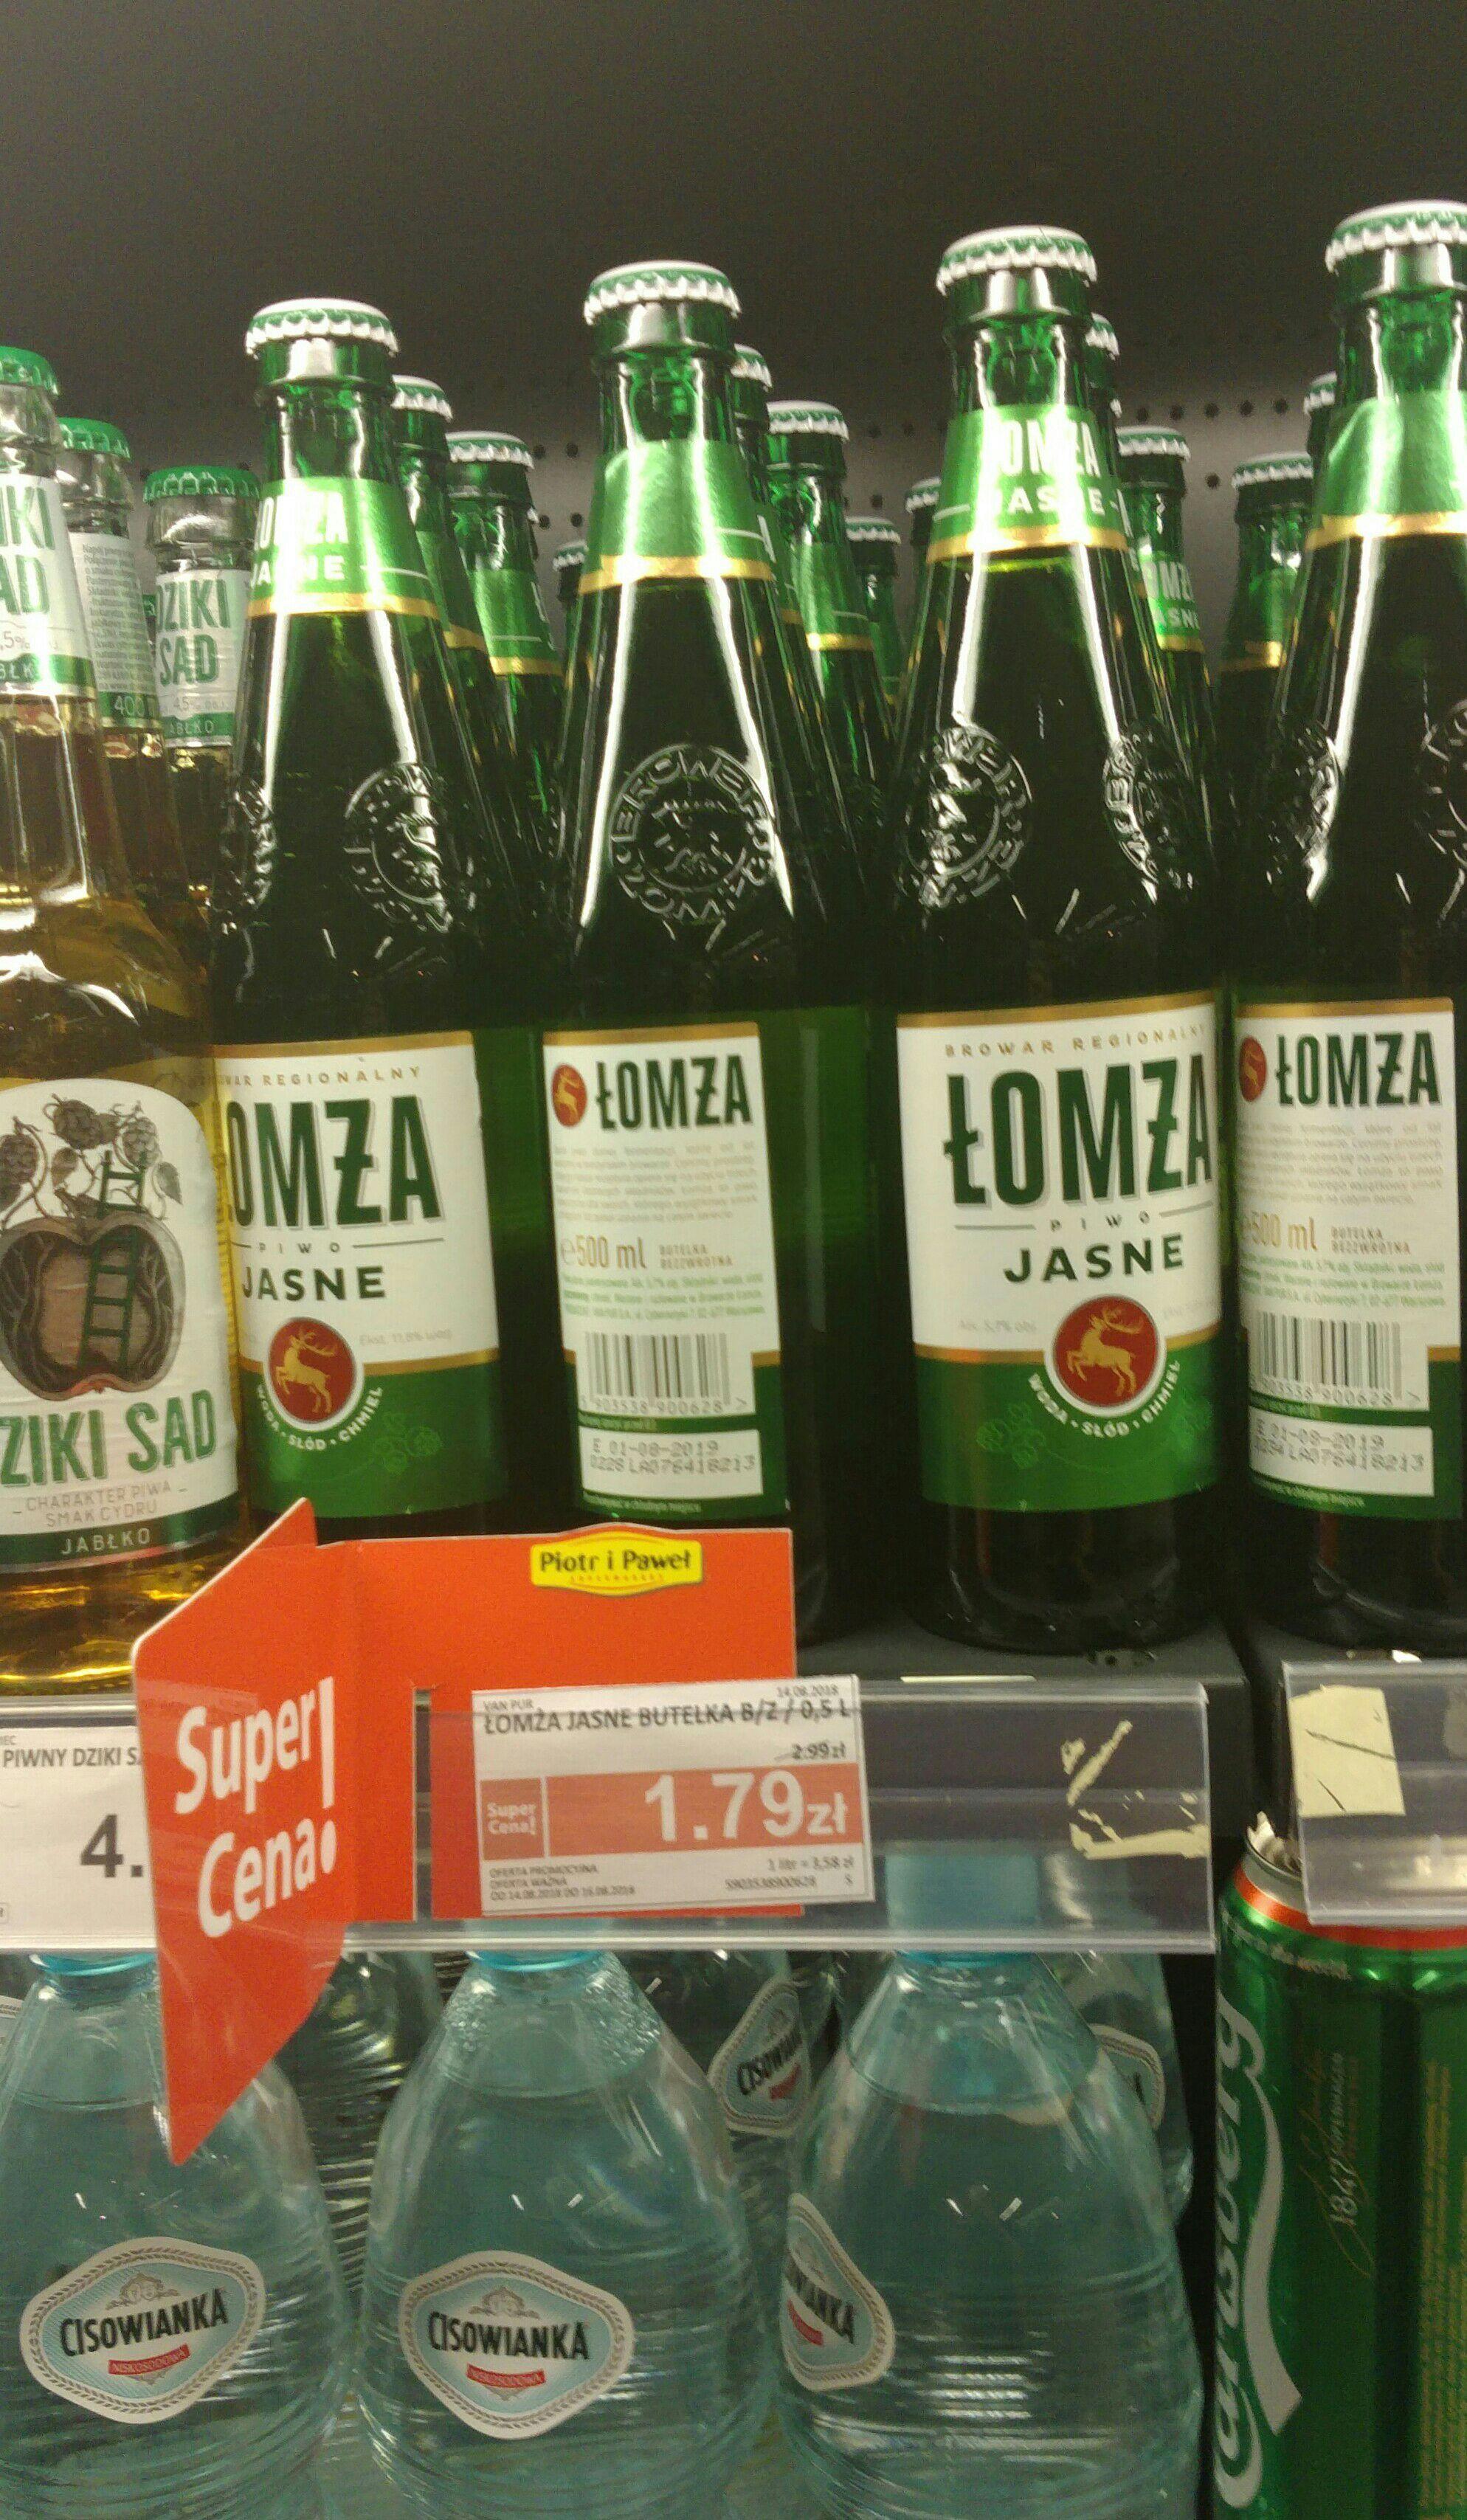 Piwo Łomża w dobrej cenie 1,79 zł.